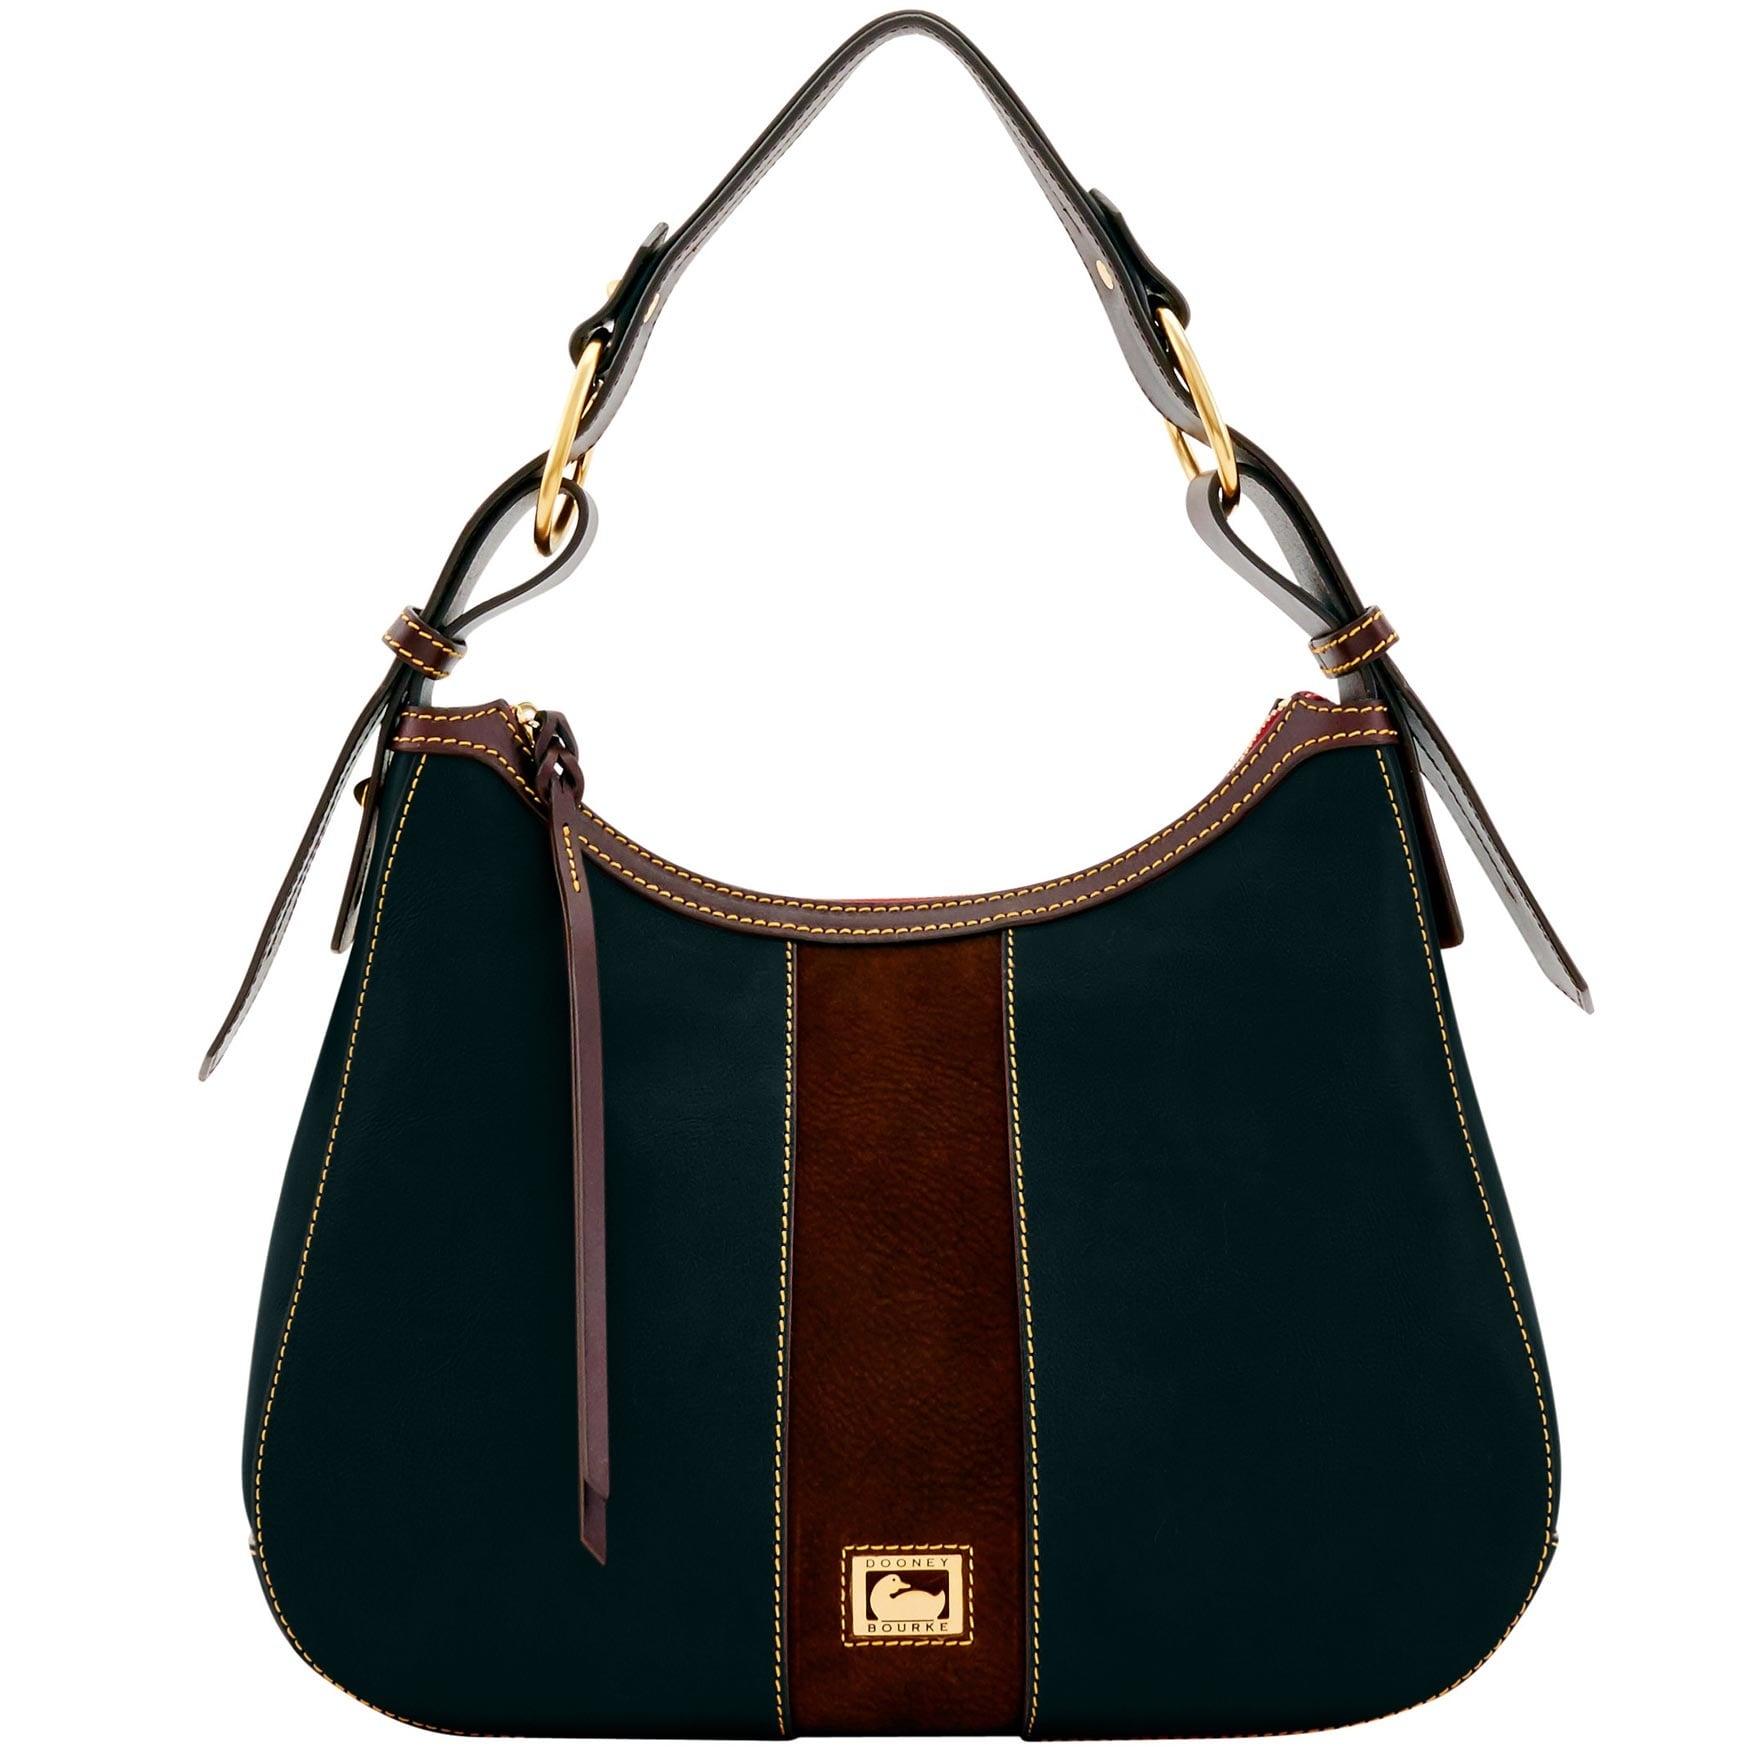 bab7aeecae0c Dooney And Bourke Black Suede Handbags